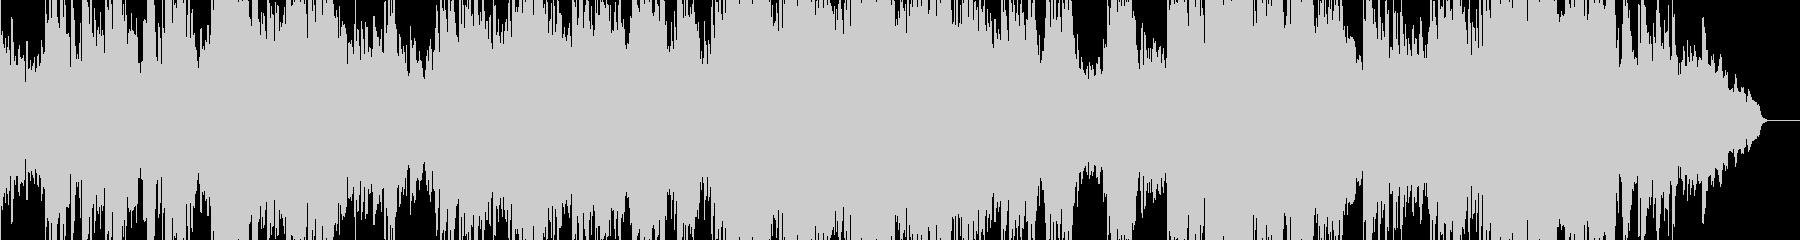 ピアノとストリングスを組み合わせて...の未再生の波形